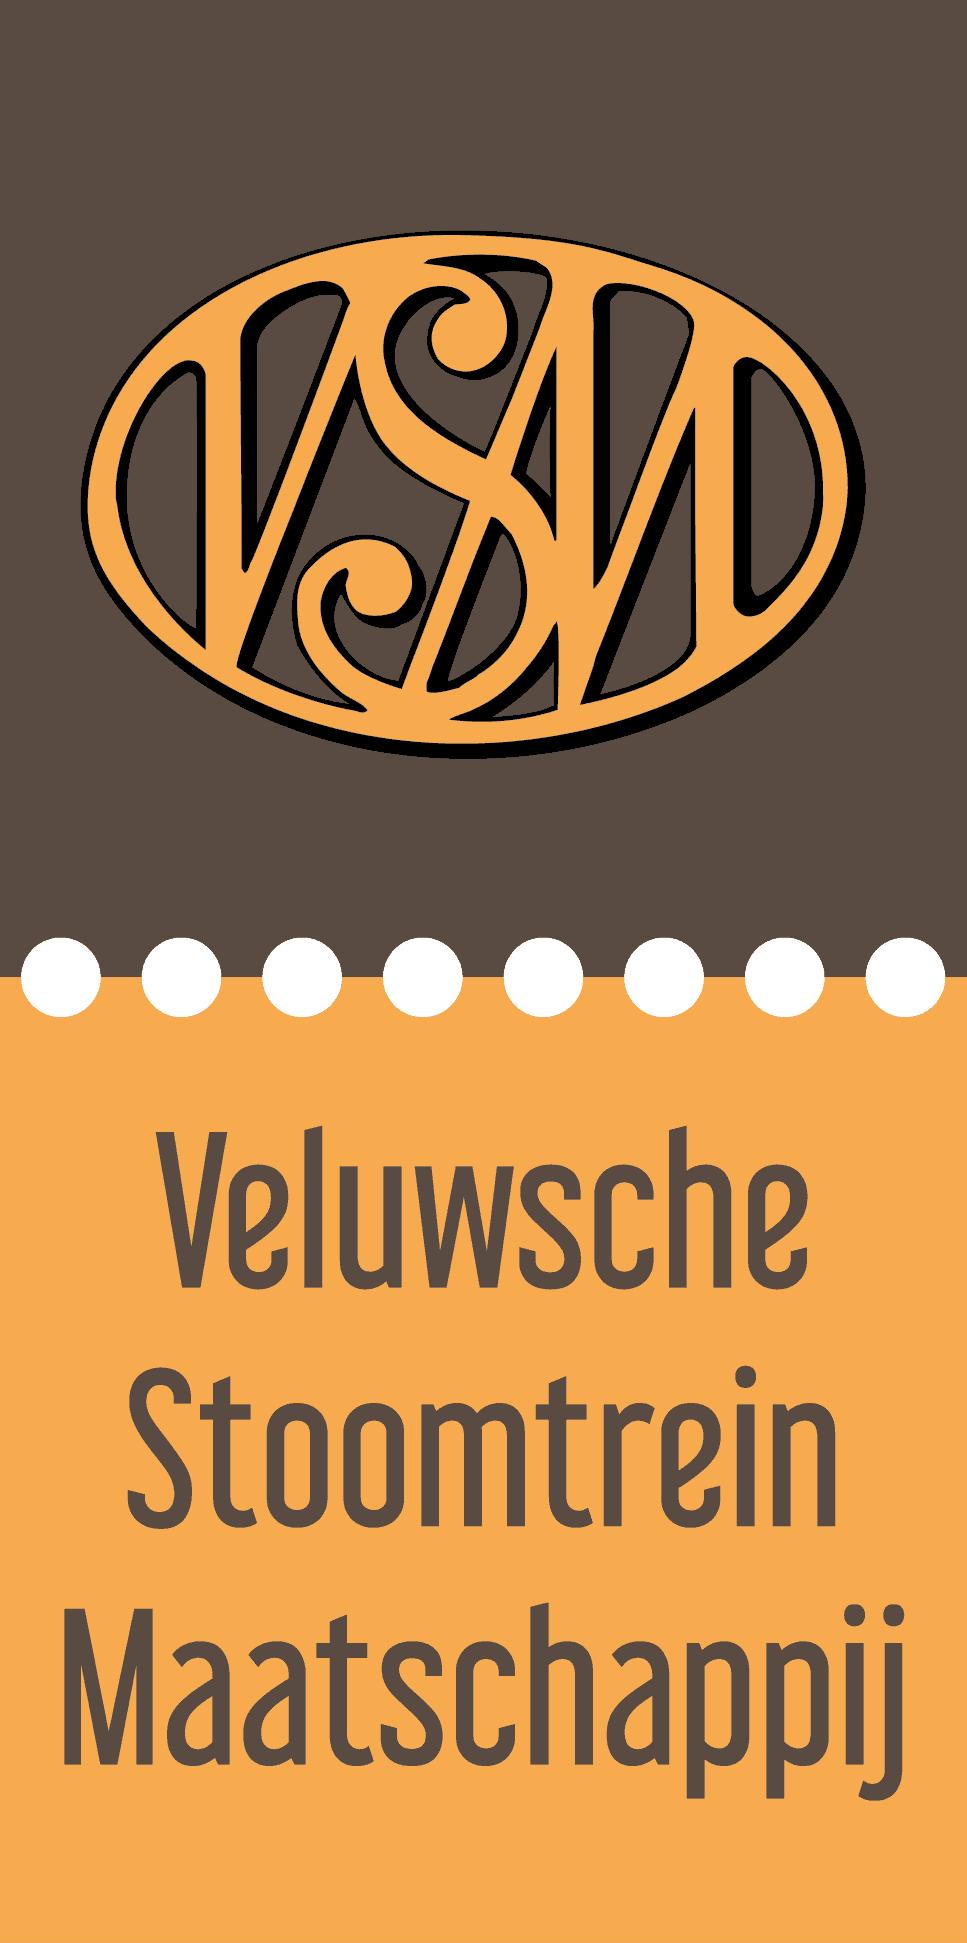 VSM - Stap in en reis mee!